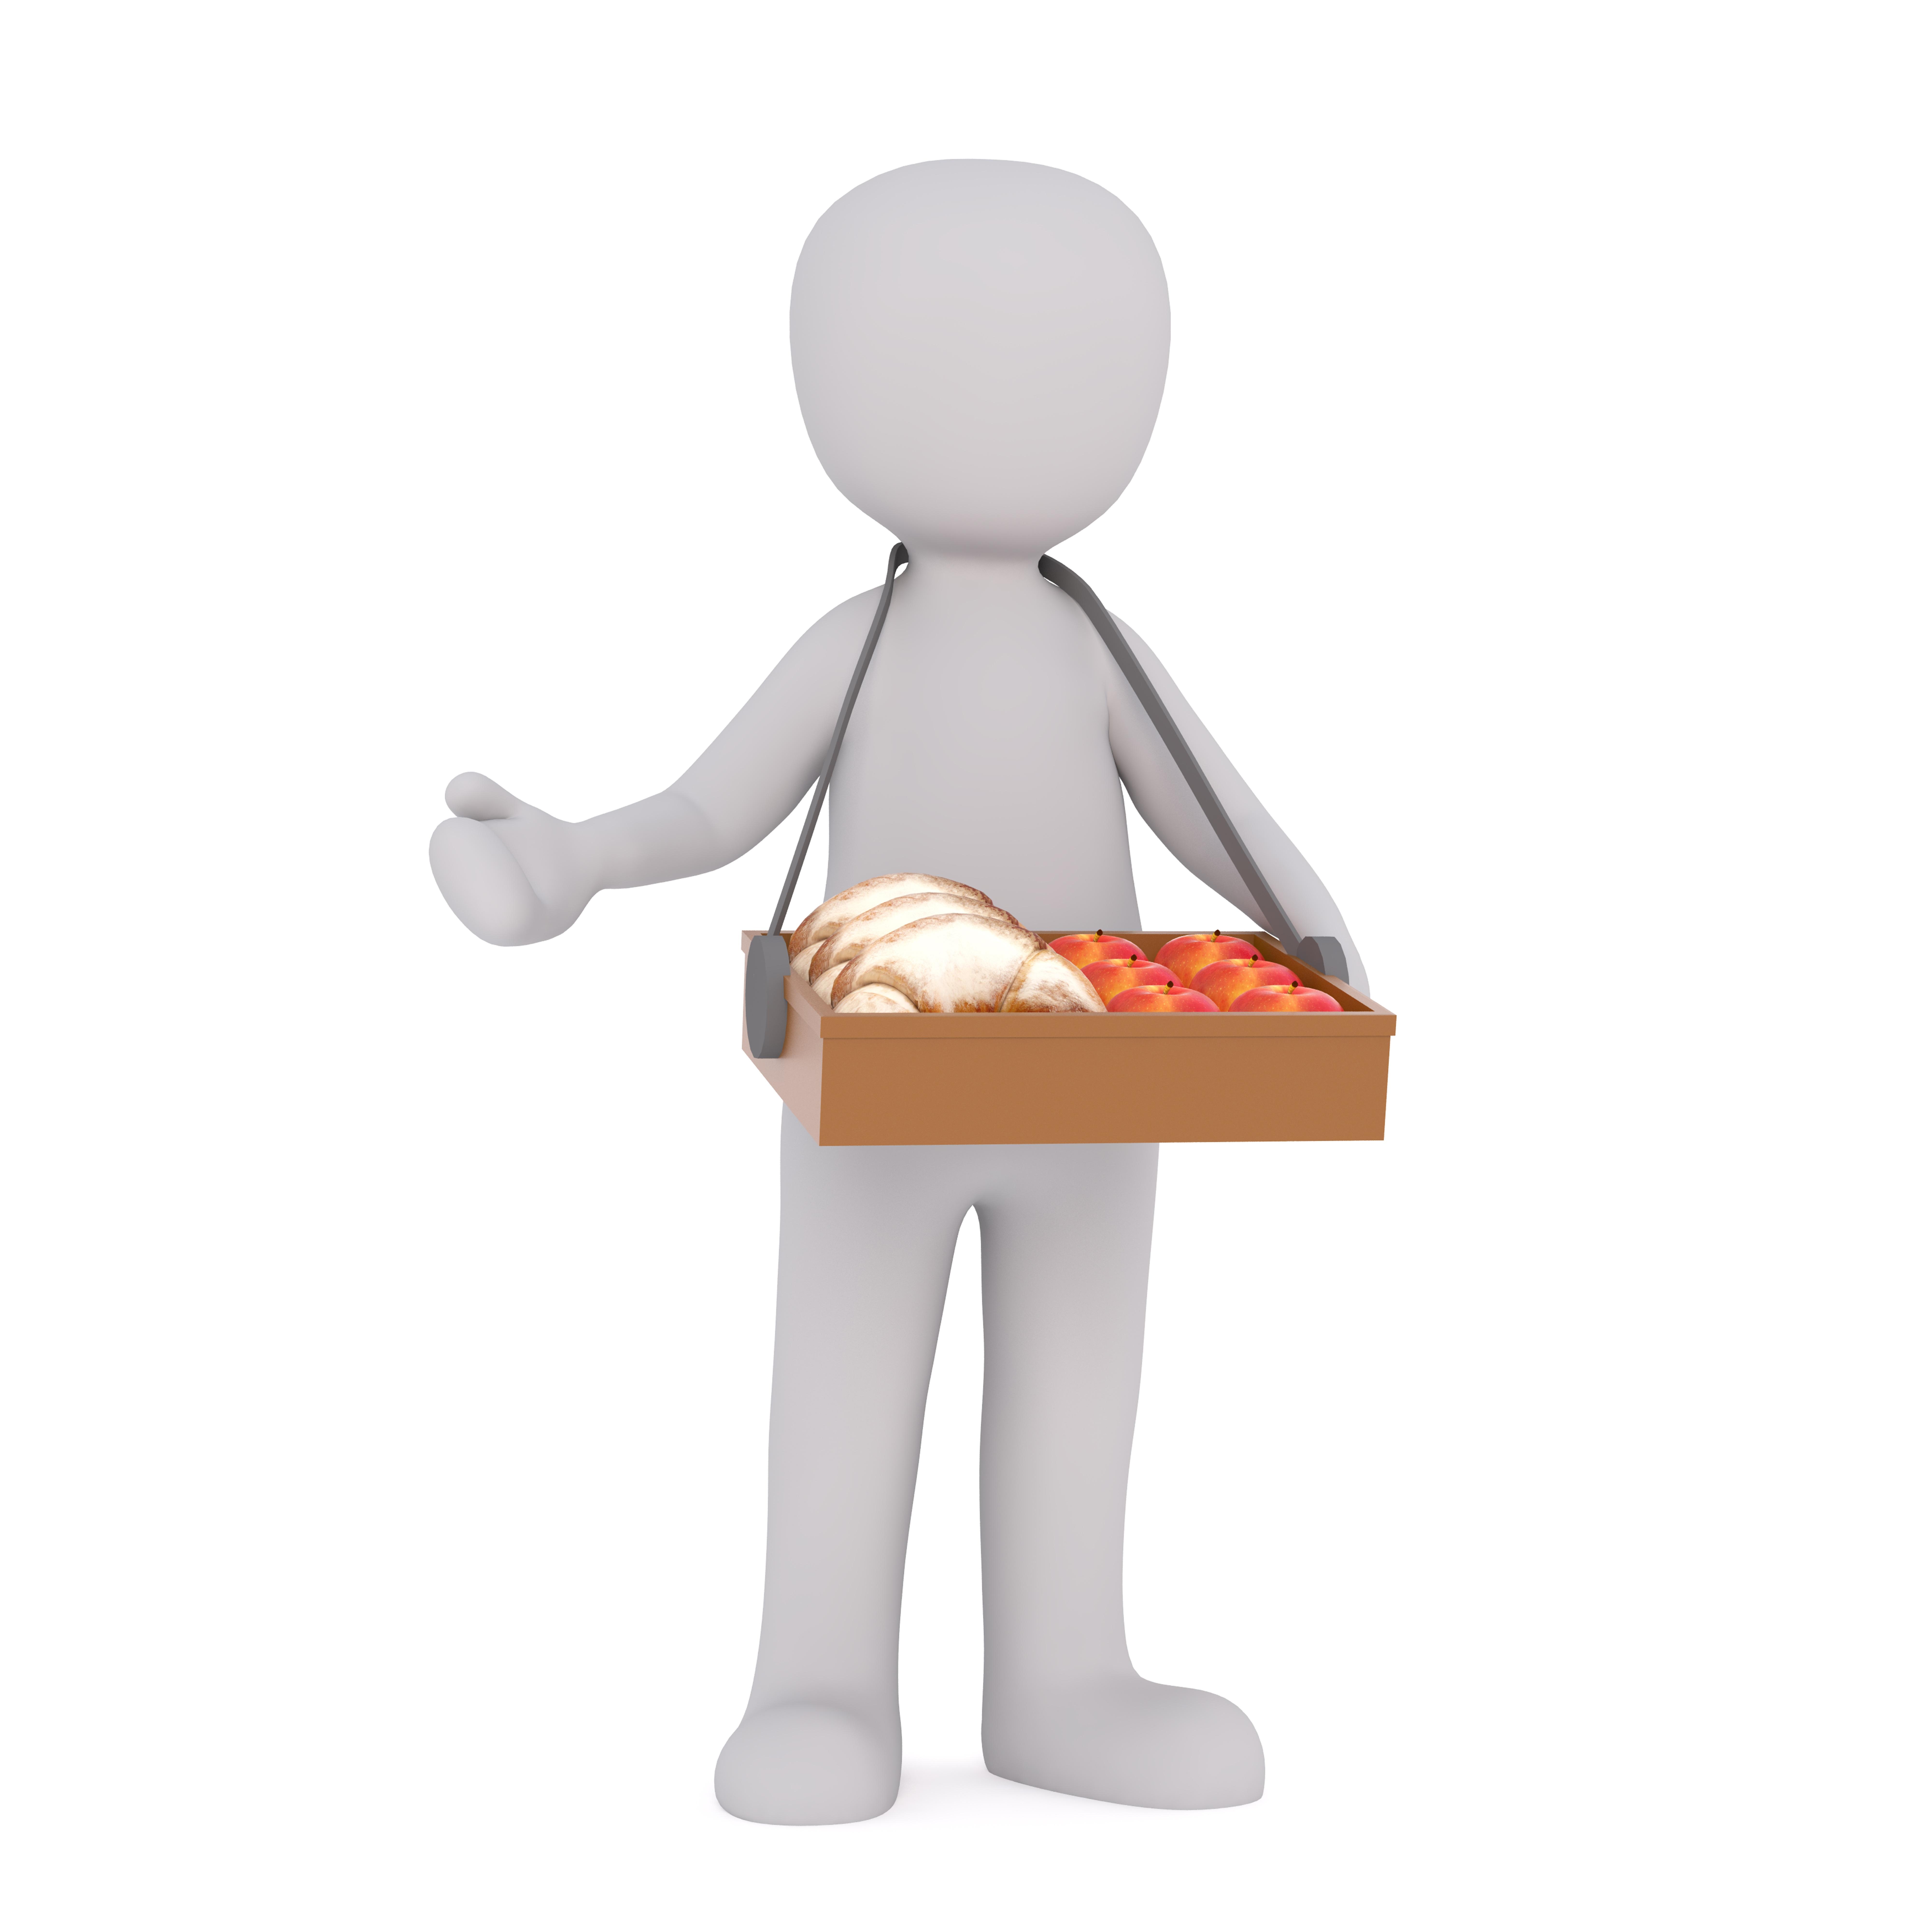 Gambar Tangan Terpencil Model Jari Produk Ilustrasi